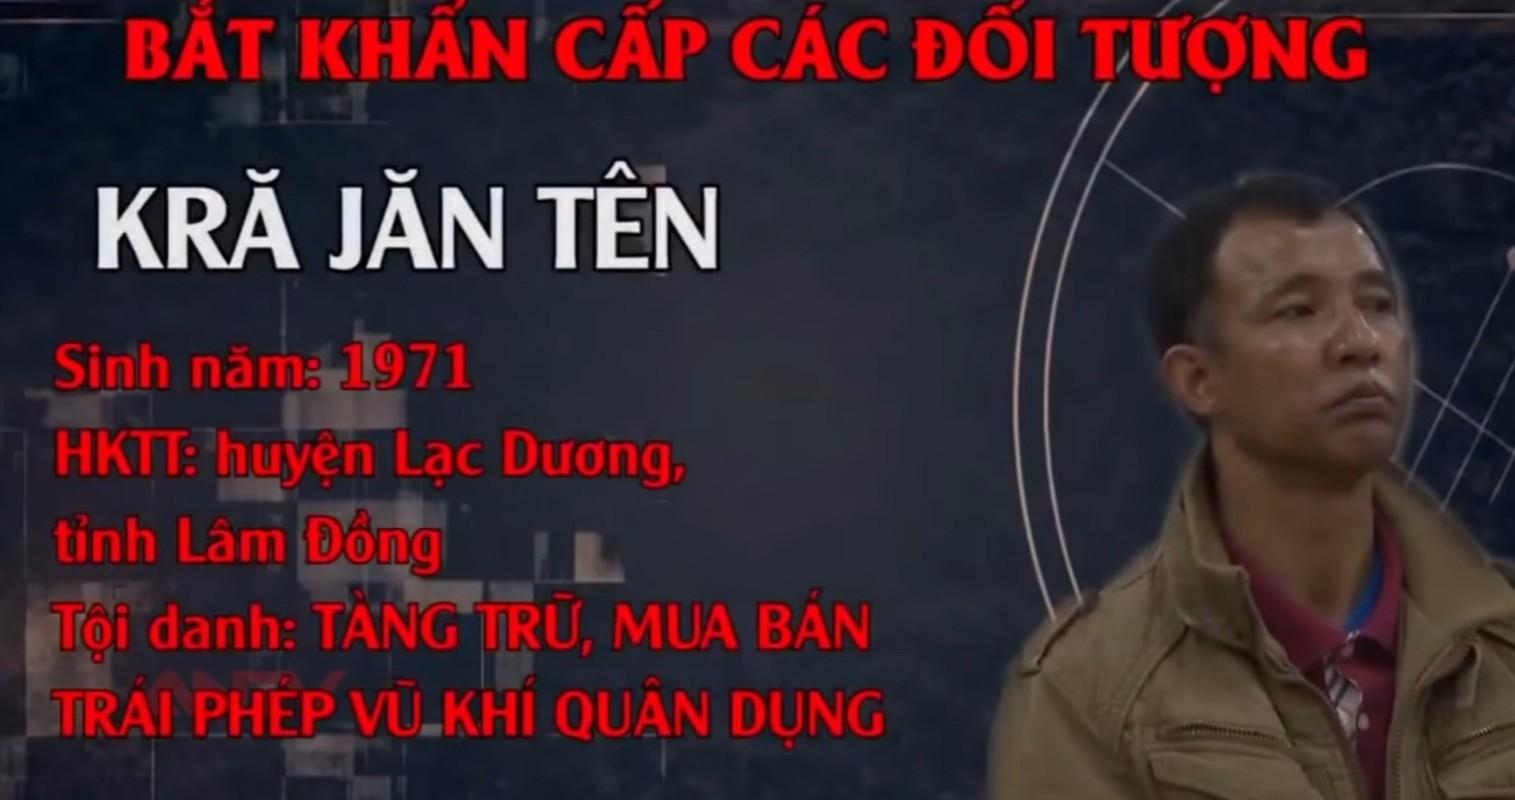 Hanh trinh pha an: Tu thi ben dong suoi to cao ke sat nhan mau lanh-Hinh-23